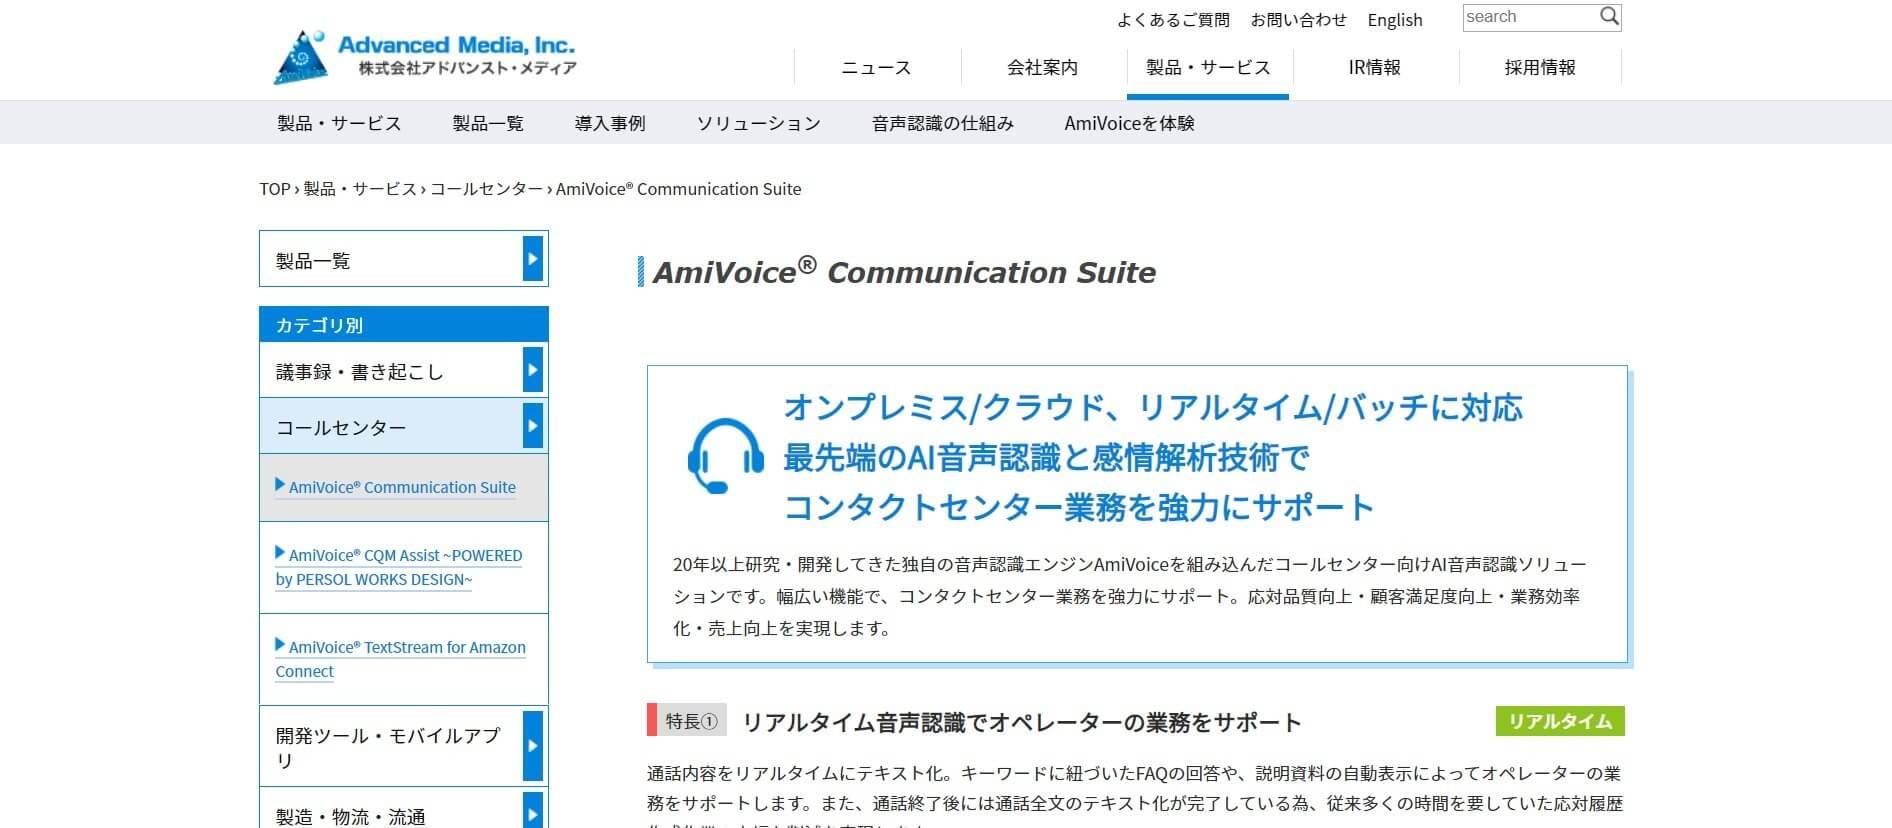 AmiVoice Communication Suite